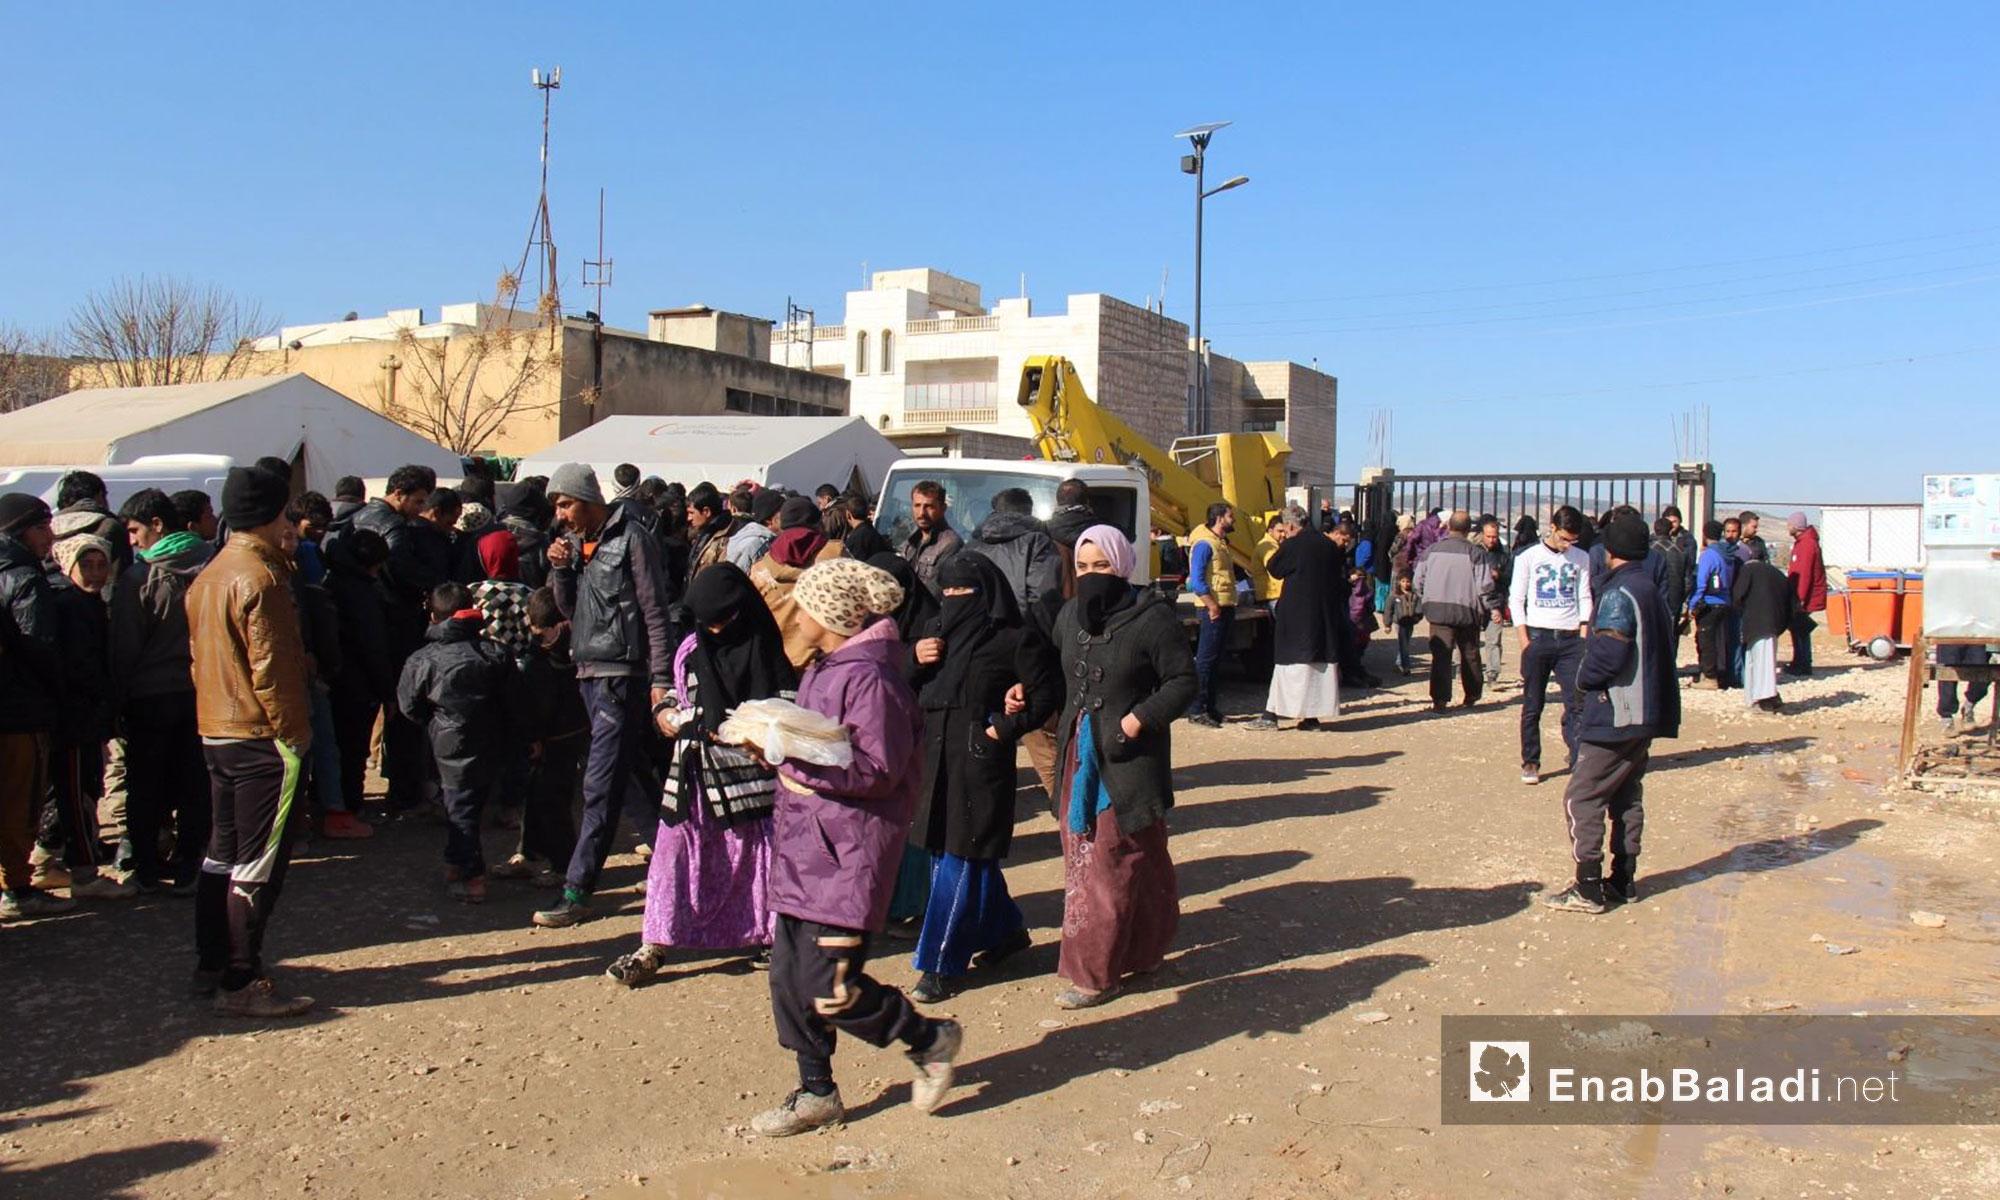 نازحون عراقيون في منطقة إعزاز الحدودية بريف حلب الشمالي - كانون الأول 2016 (عنب بلدي)